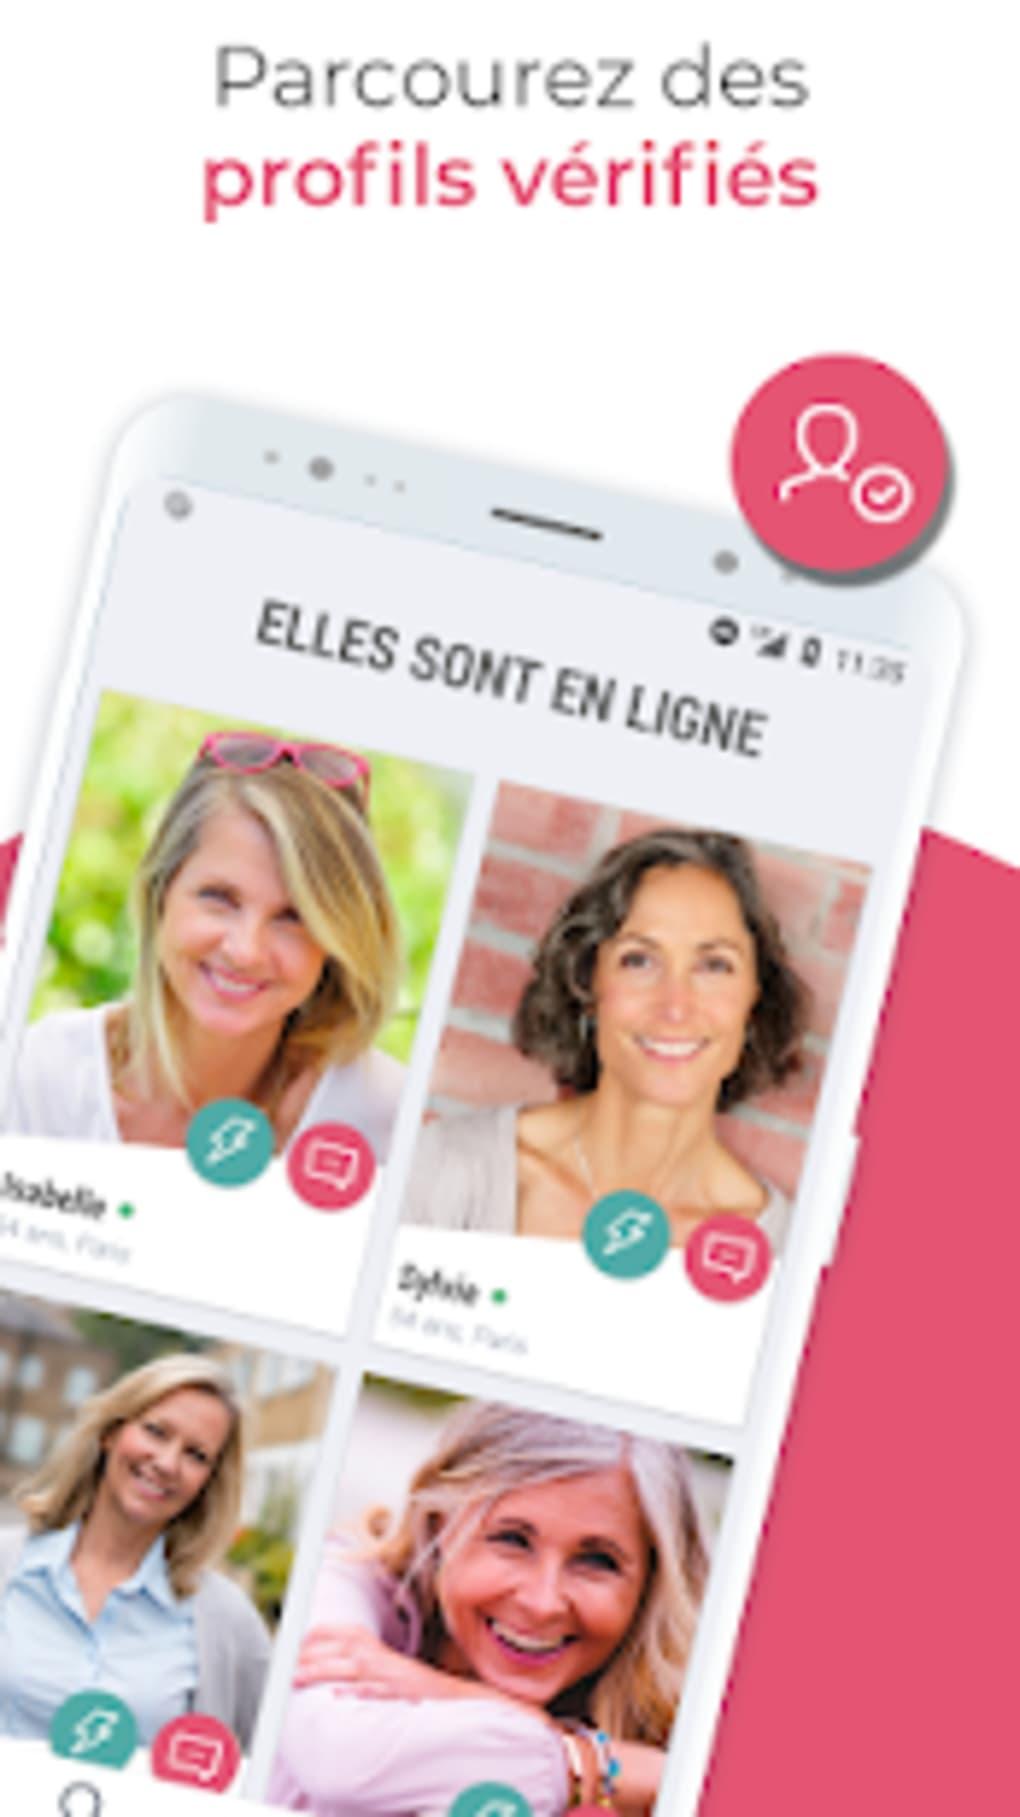 ecolalies.fr : encyclopédie et dictionnaires gratuits en ligne